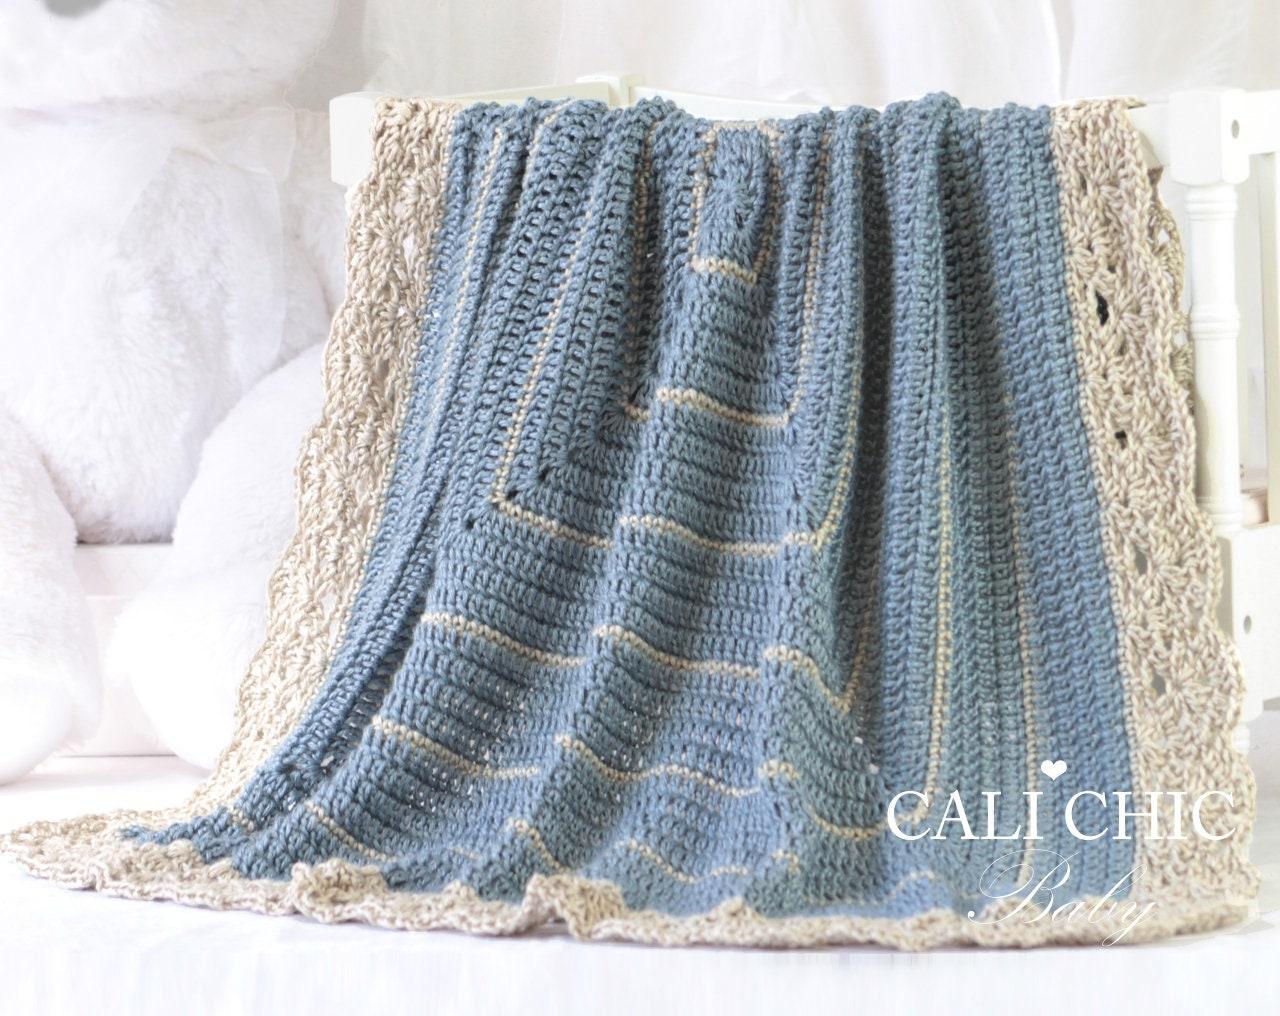 15e6fec751d21 Baby Blanket PATTERN, Crochet Blanket Pattern Quinn 151, Crochet Baby  Afghan pattern, DIY Baby Blanket, Instant Pattern PDF Download